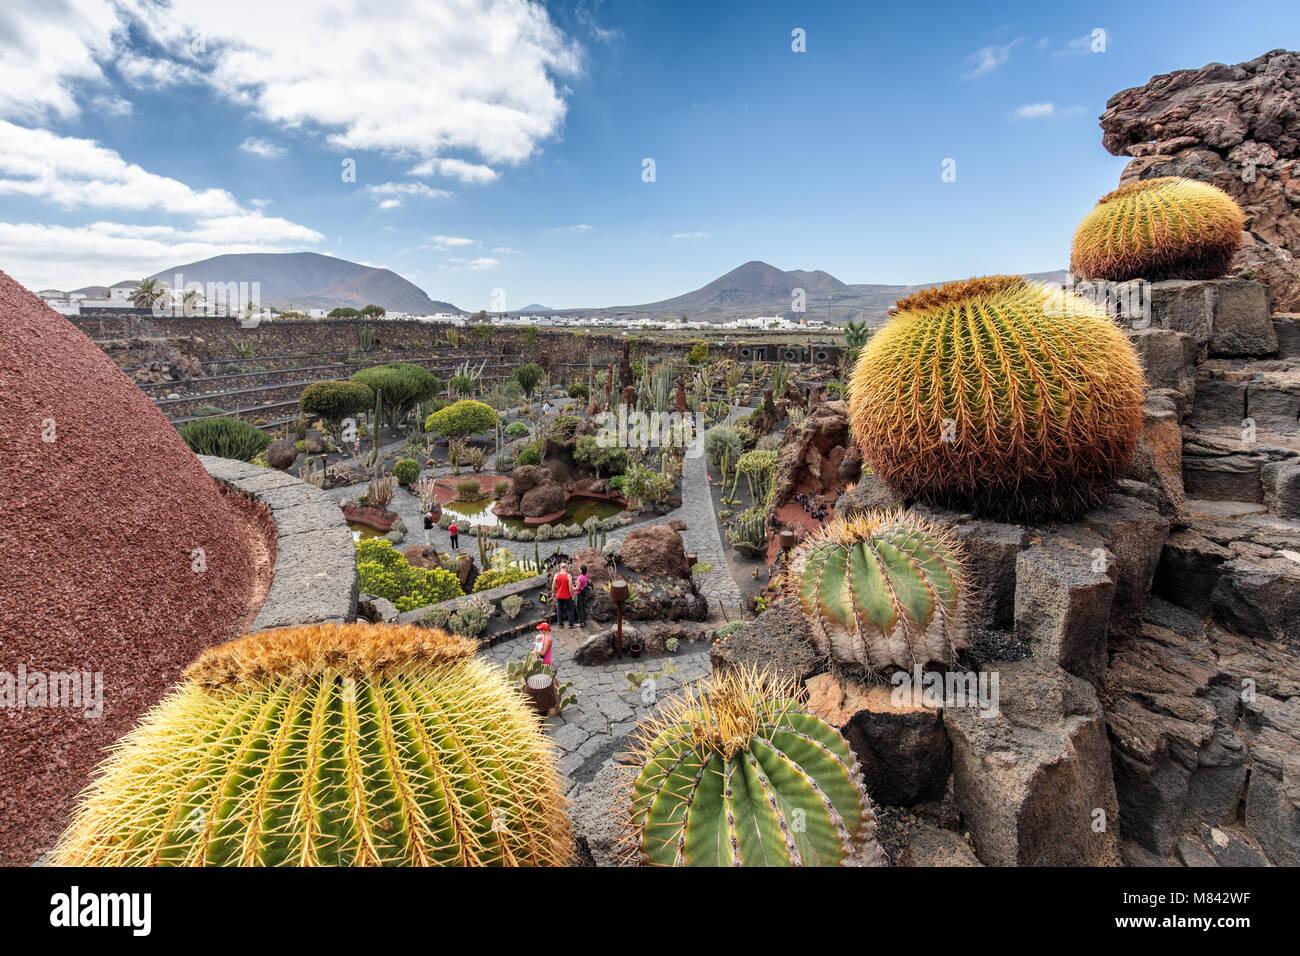 Cesar manrique cactus garden stock photos cesar manrique for Jardines con cactus